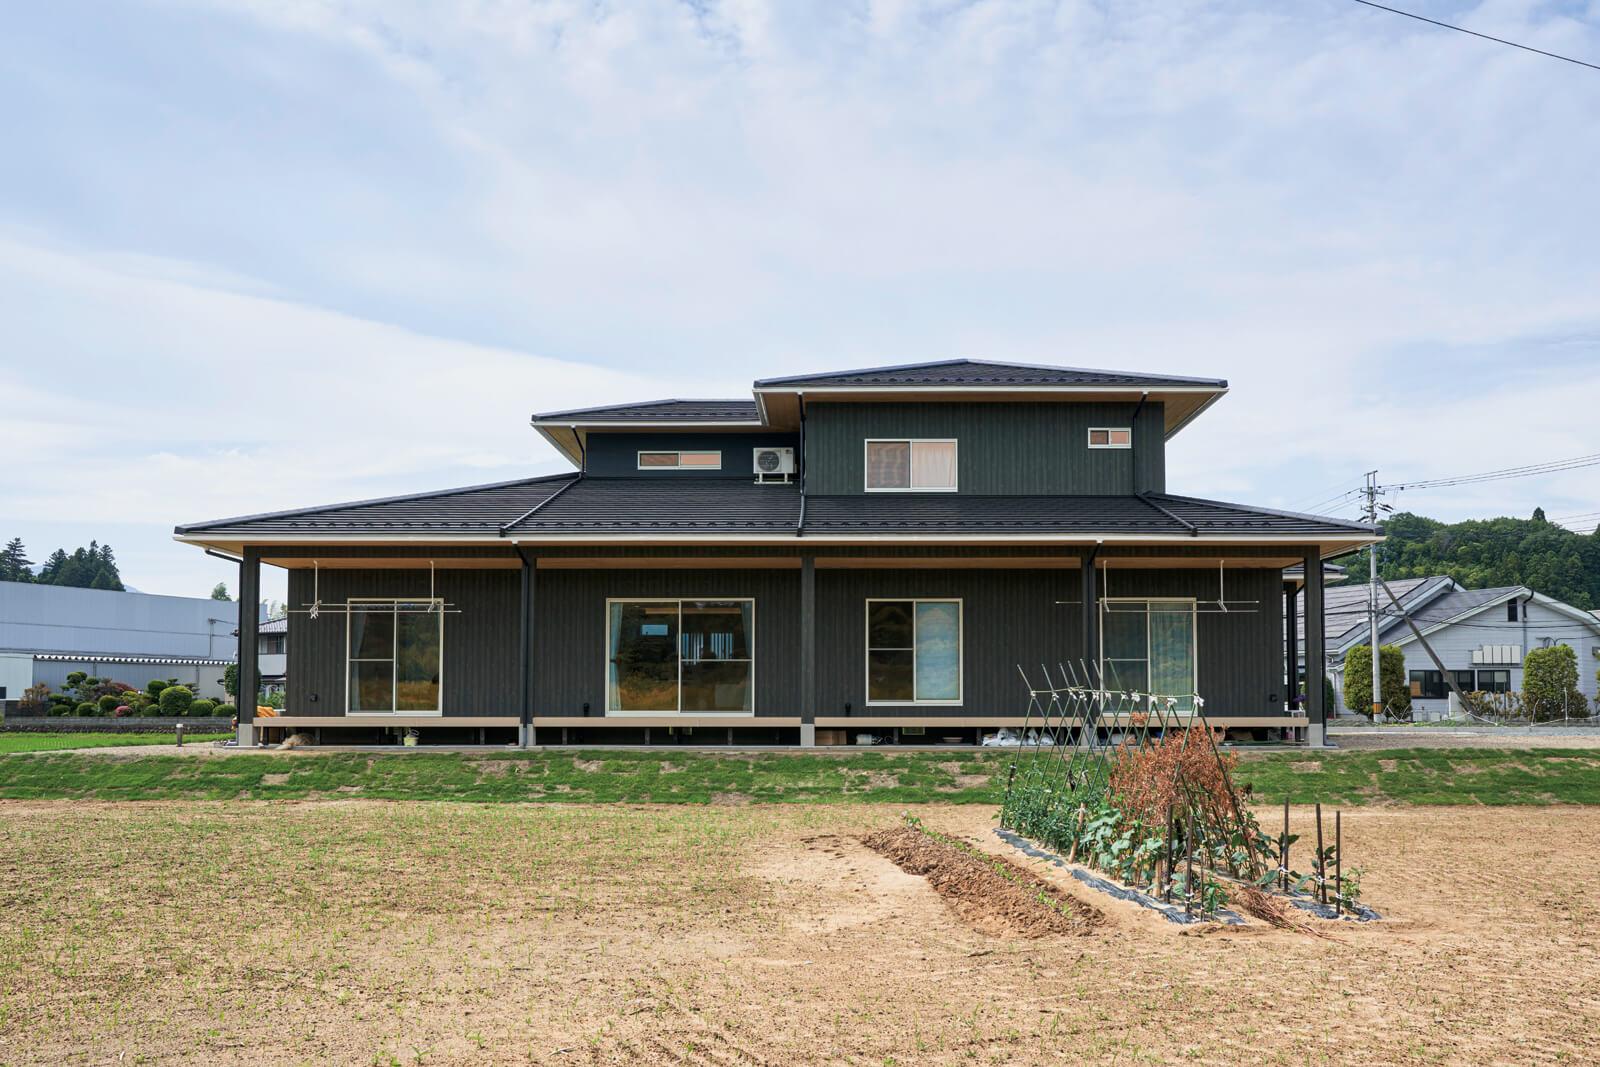 深緑色の外壁が周囲の自然に溶け込む。長期優良住宅の認定を受けた性能面でも高水準の住まい